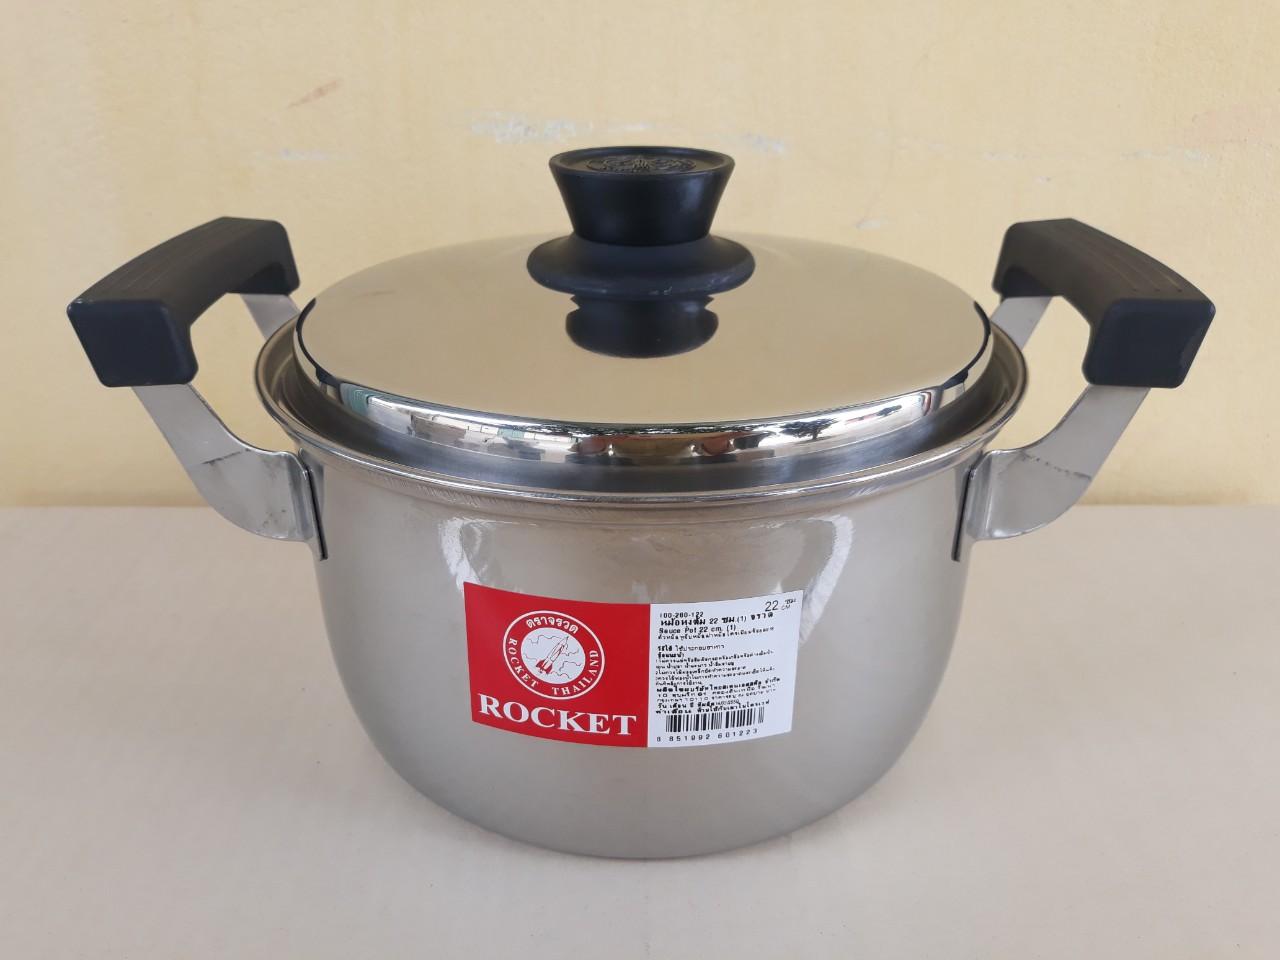 Nồi nấu canh Rocket 22cm - 3.7 lít - dùng được cho bếp từ 100260122